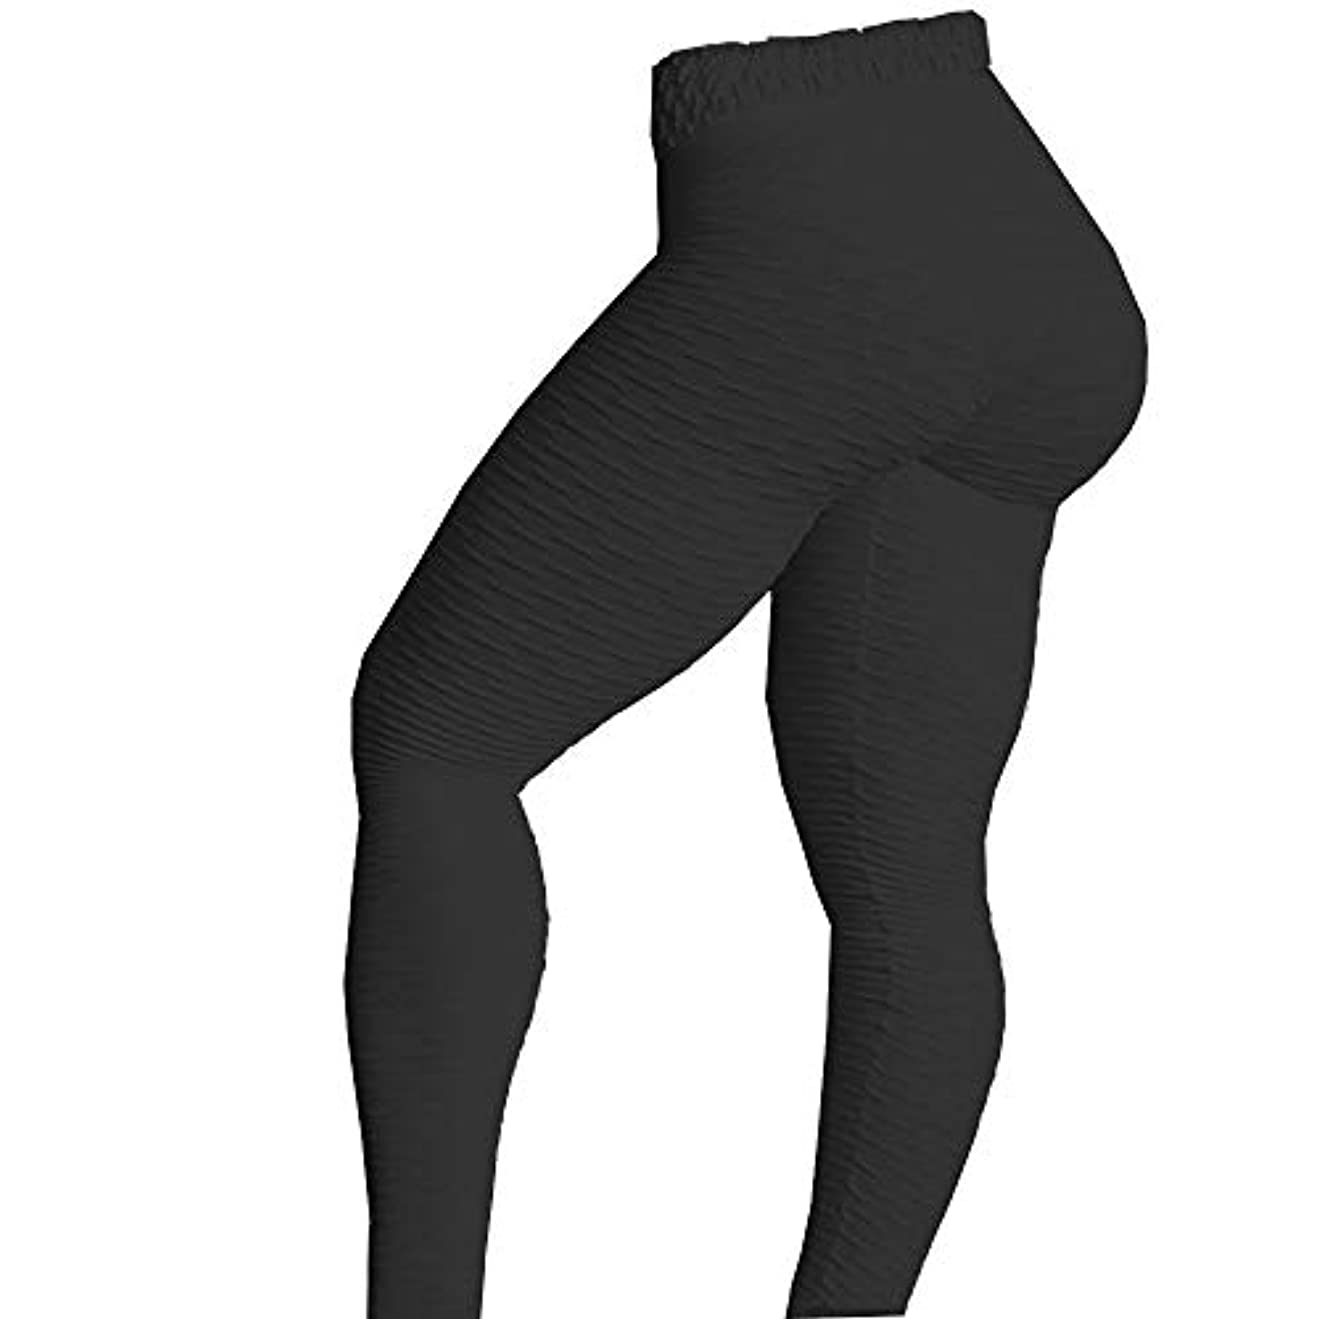 しなやか無条件印刷するMIFAN パンツ女性、ハイウエストパンツ、スキニーパンツ、ヨガレギンス、女性のズボン、ランニングパンツ、スポーツウェア